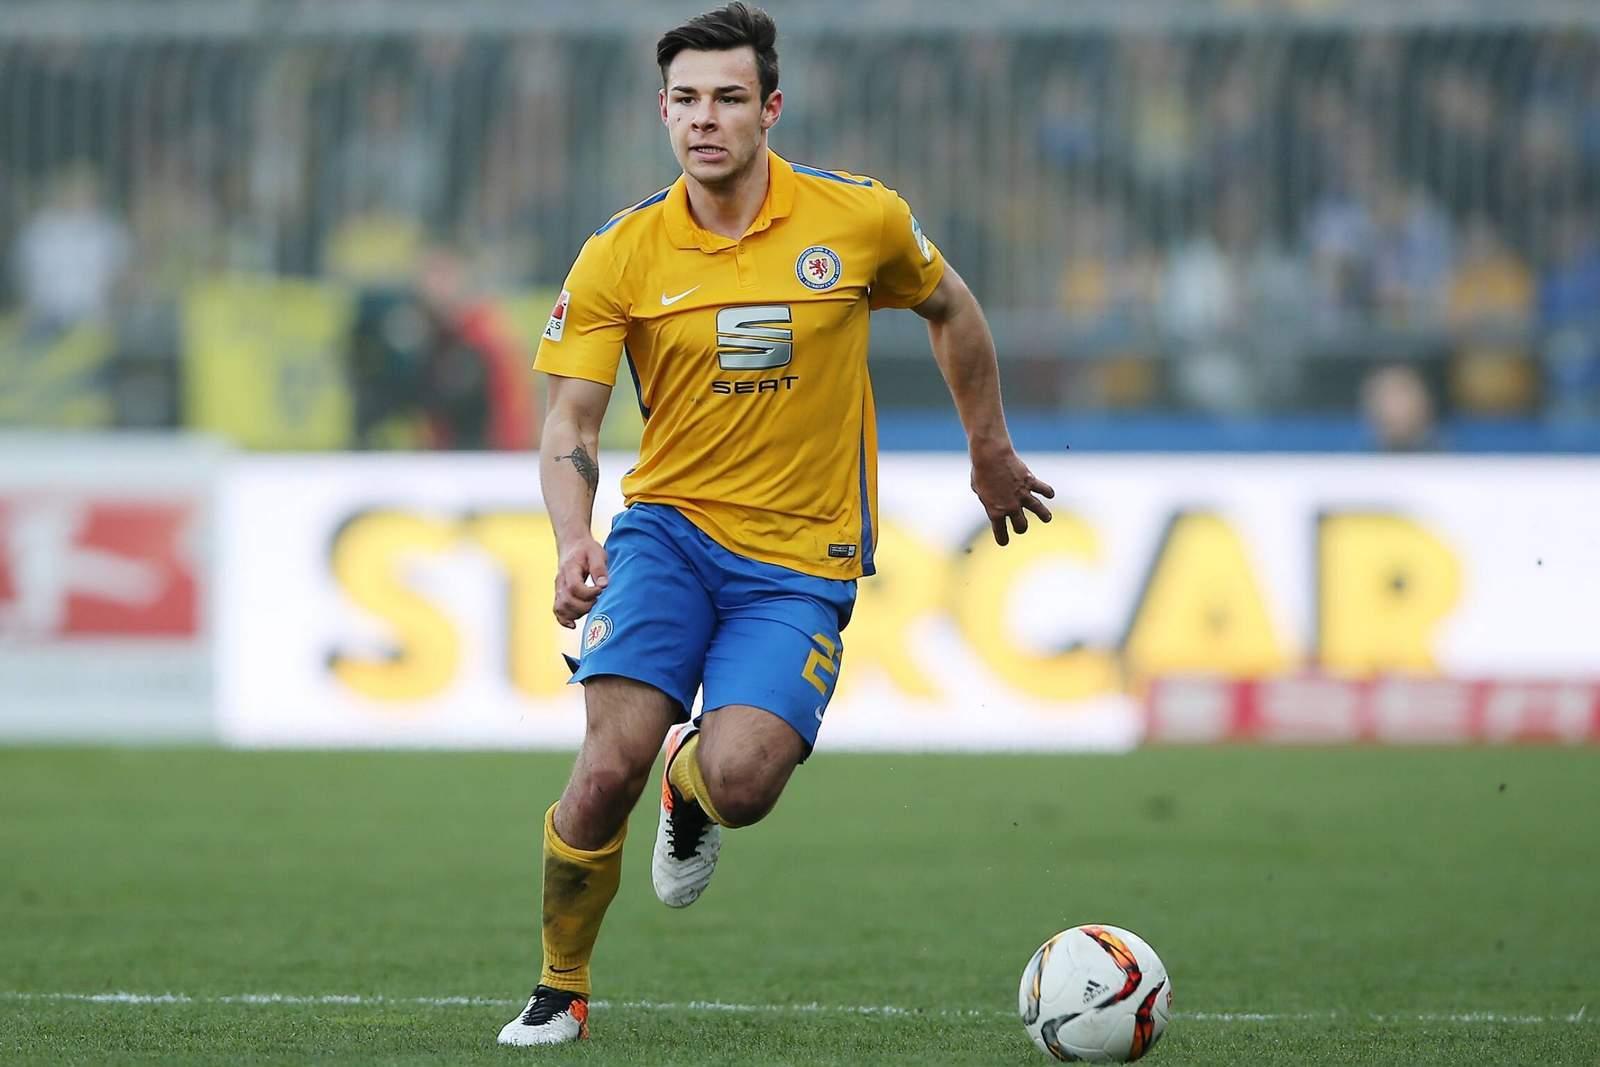 Niko Kijewski ist Linksverteidiger bei Eintracht Braunschweig